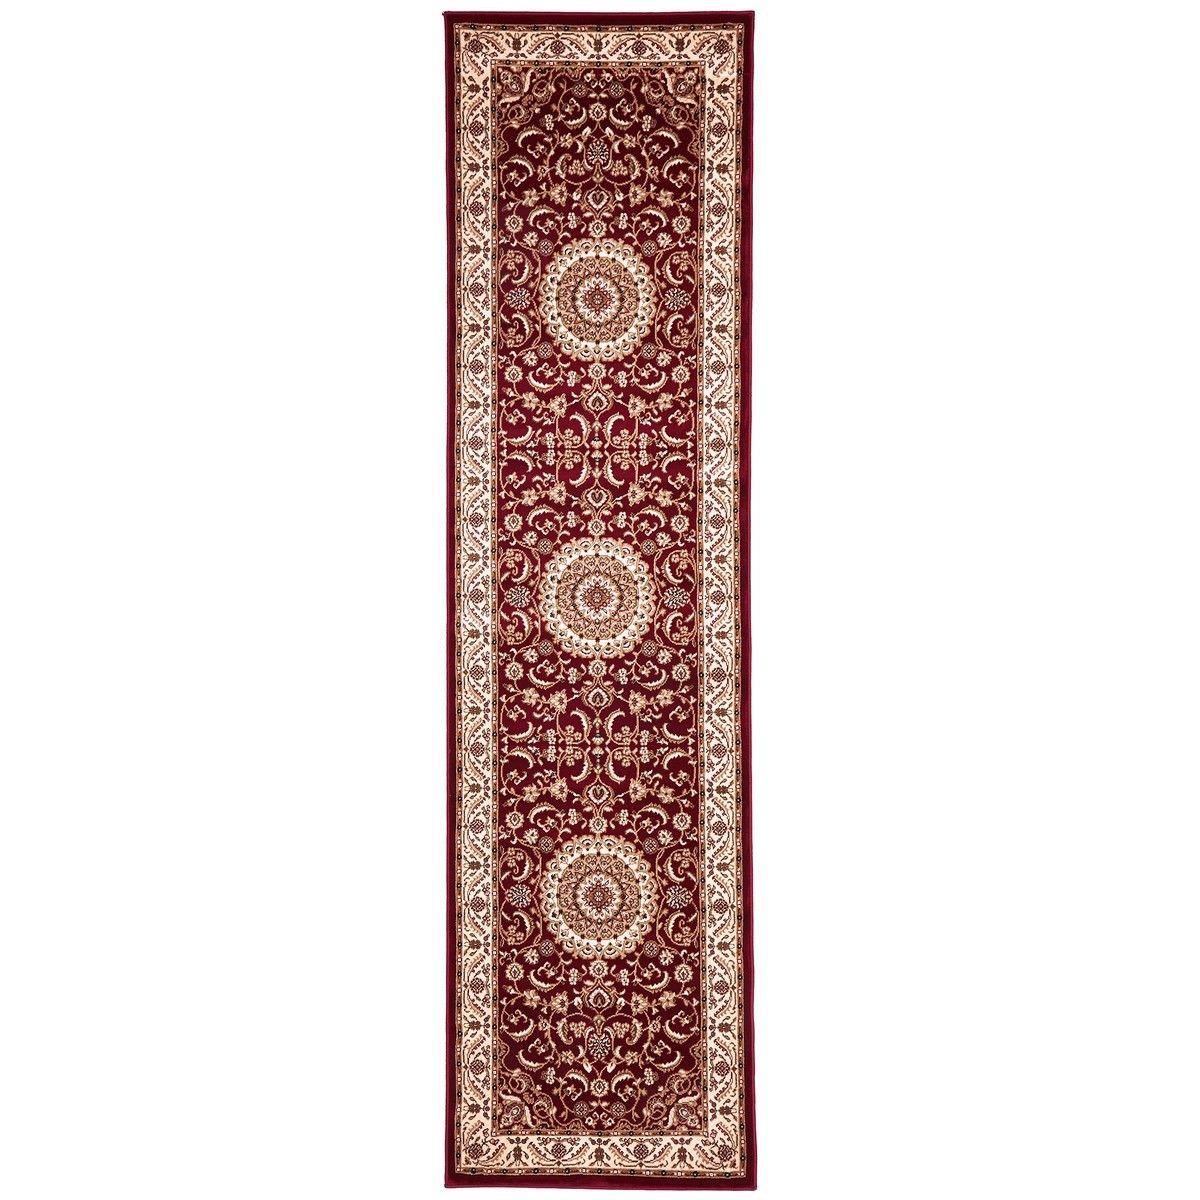 Sydney Medallion Turkish Made Oriental Runner Rug, 300x80cm, Red / Ivory